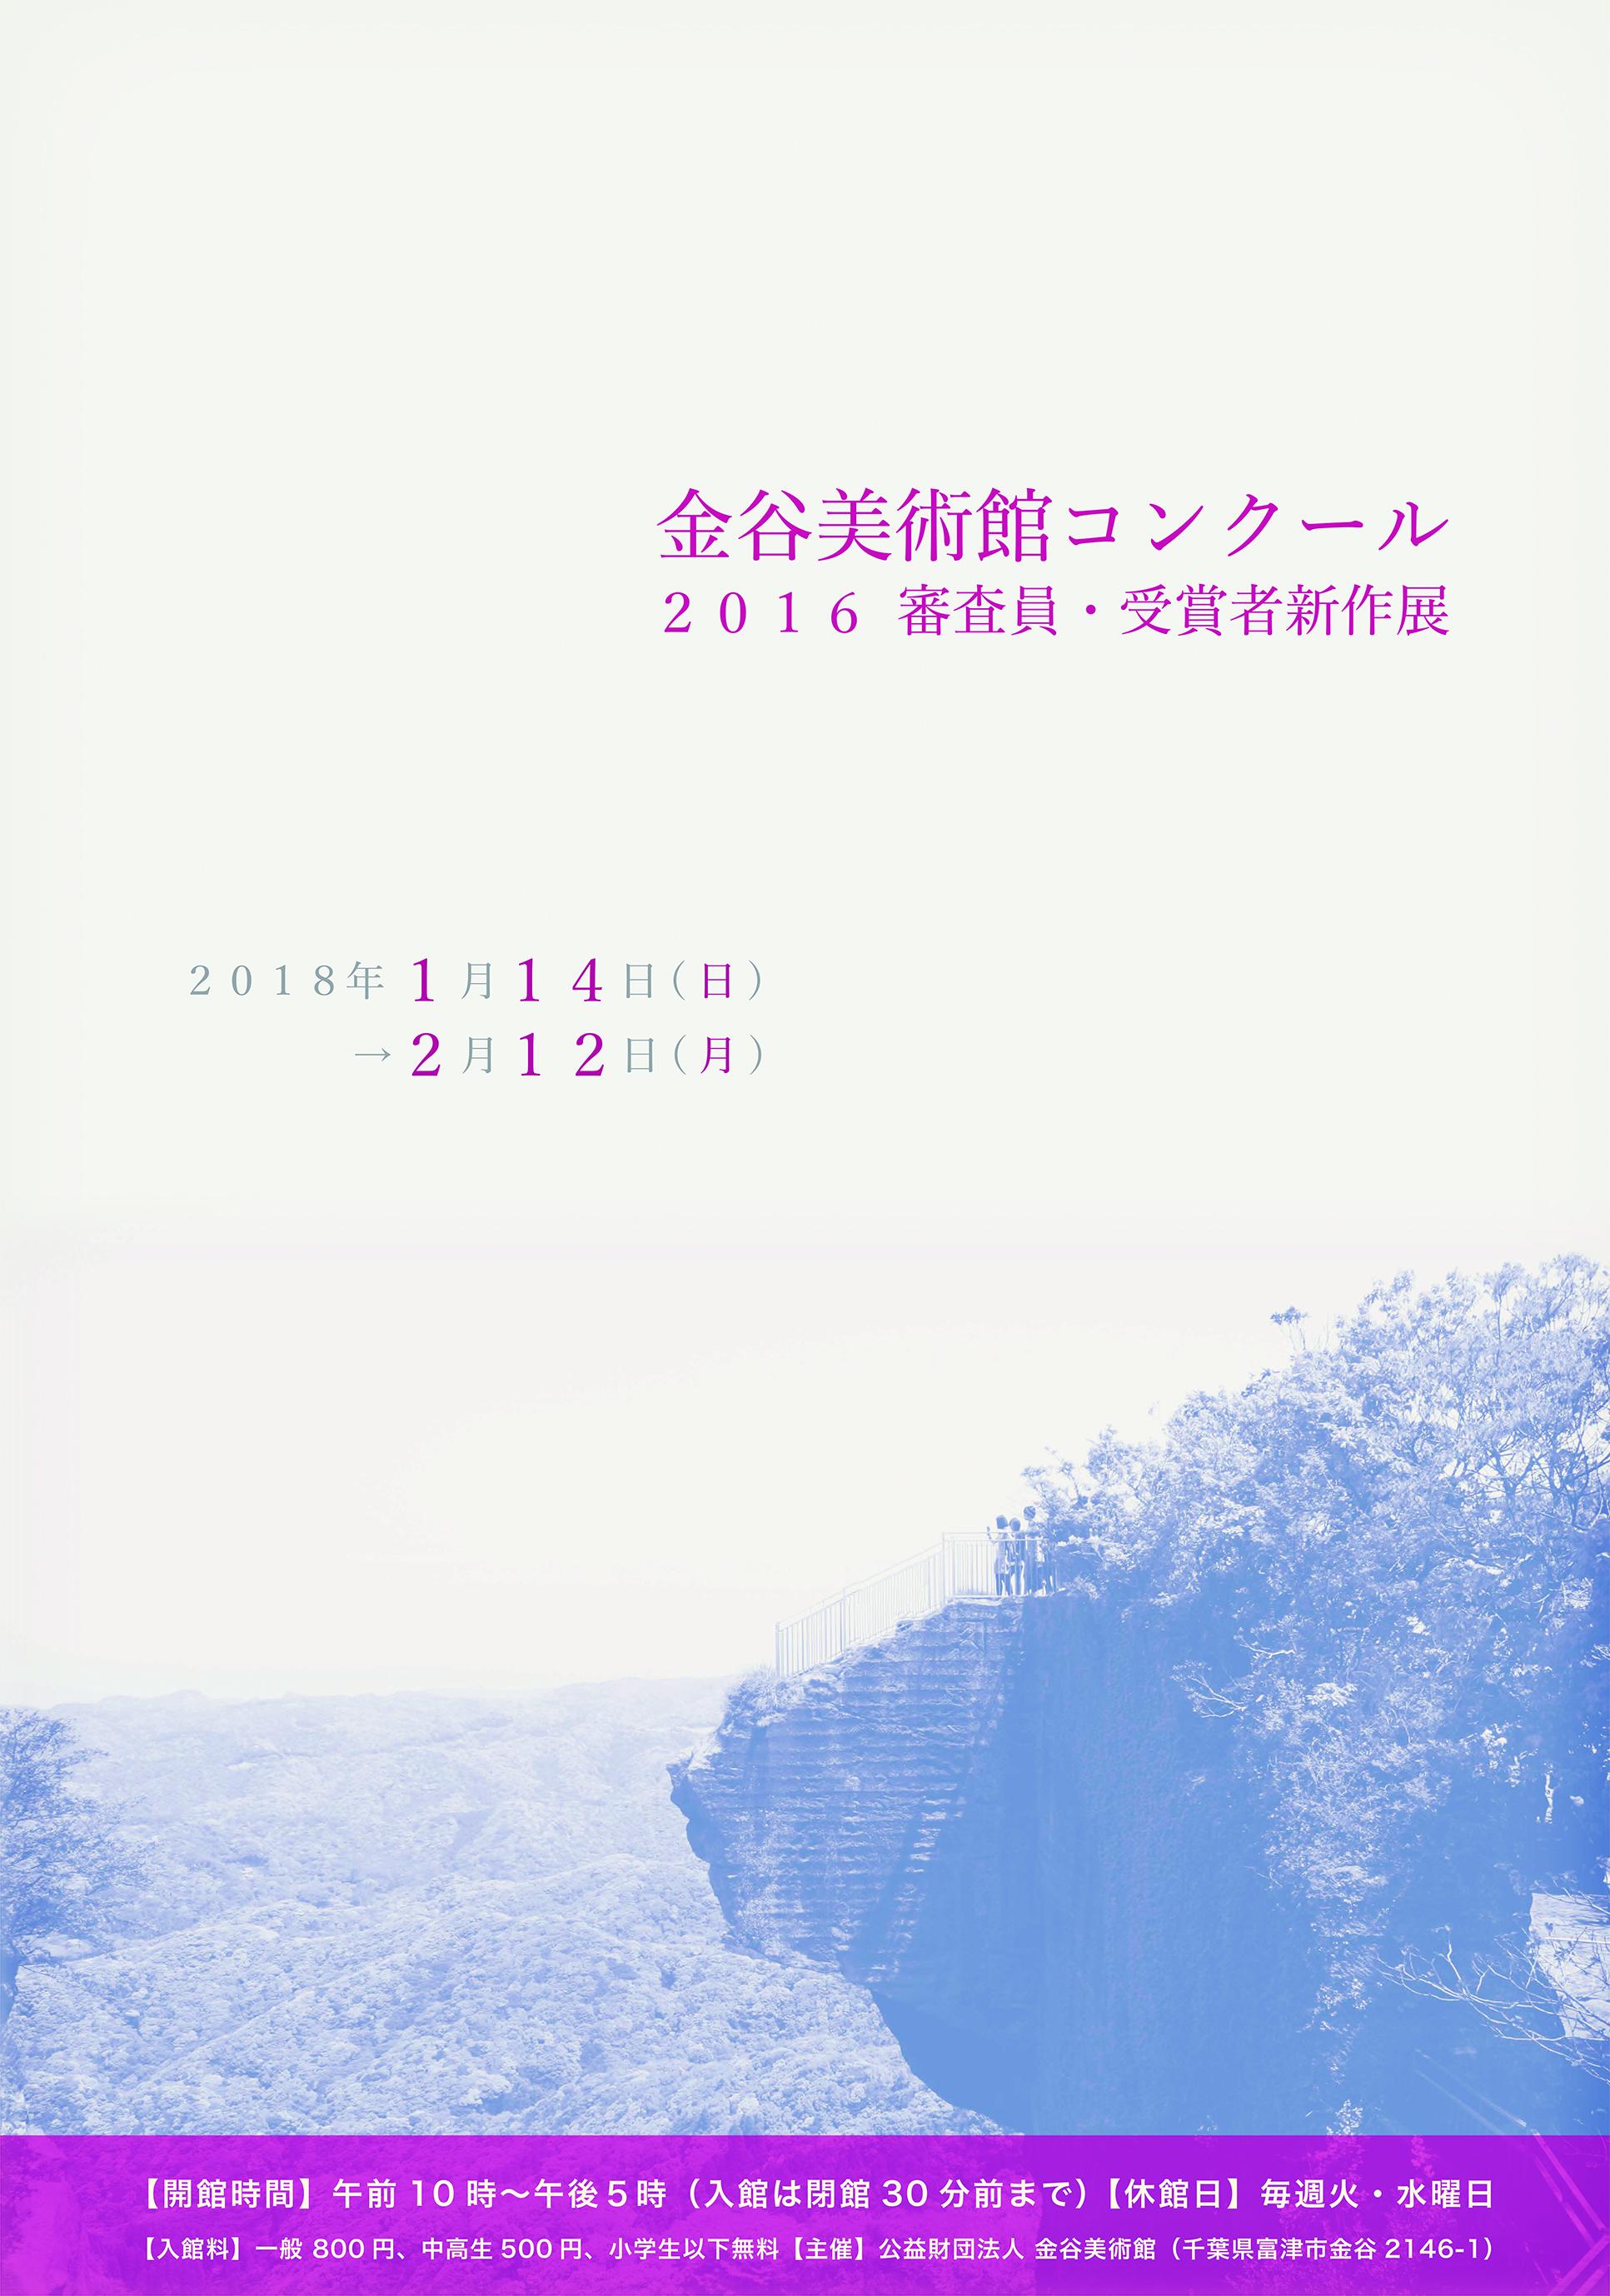 http://kanayaart.pecori.jp/kanayaart/img/shincon2.jpg